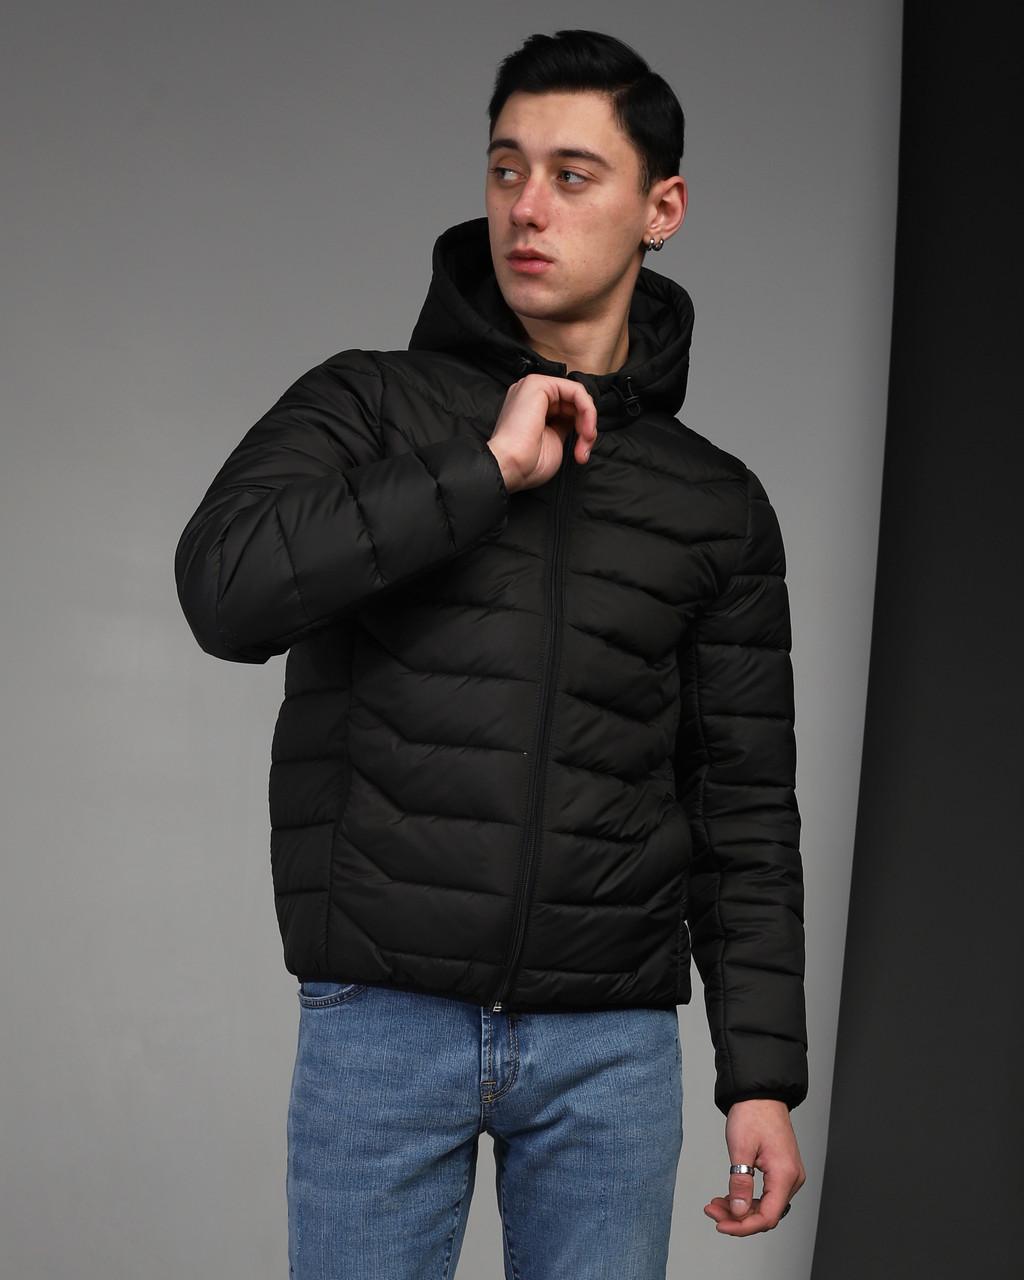 Весенняя куртка мужская черная бренд ТУР модель Джеймс